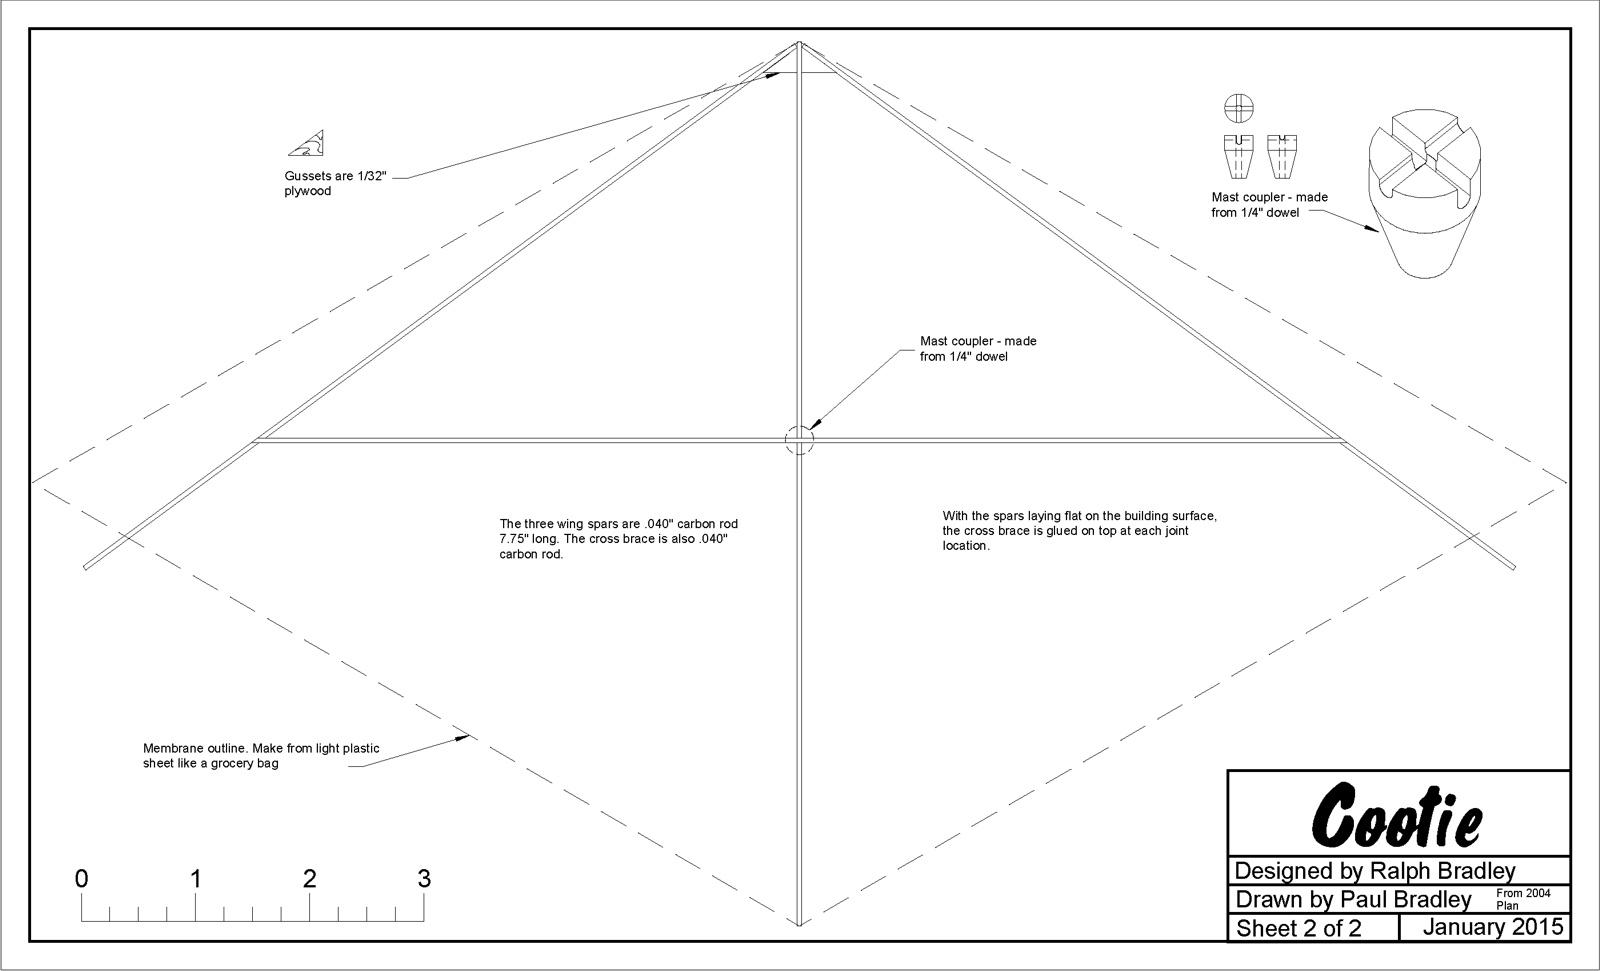 https://0201.nccdn.net/1_2/000/000/0ba/ebb/Cootie-page-2-1600x971.jpg